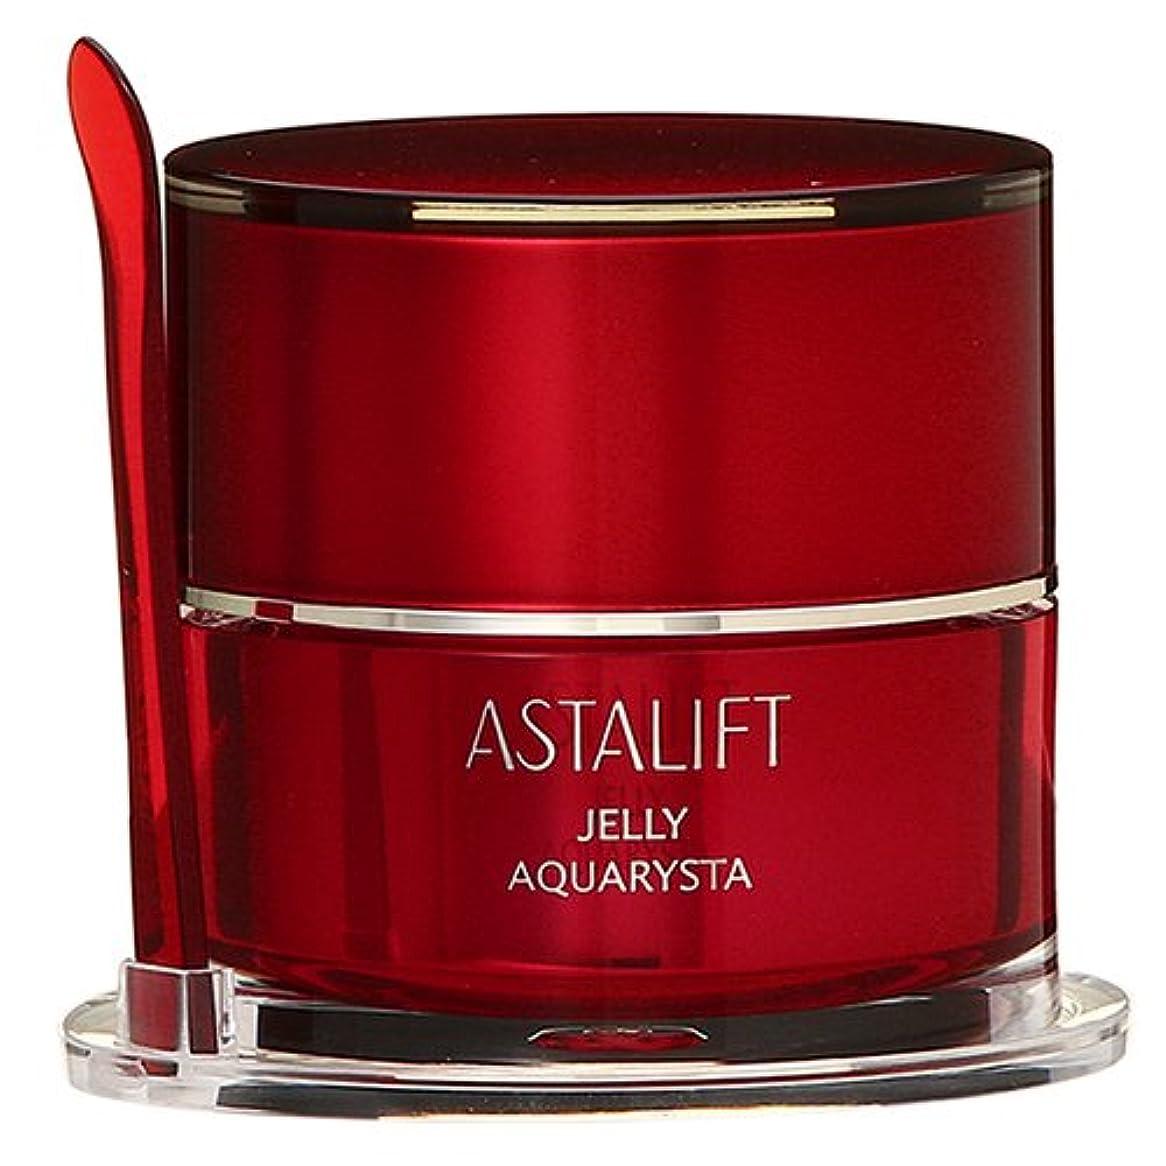 やがて参加するマウントフジフイルム アスタリフト ジェリーアクアリスタ 60g 並行輸入品